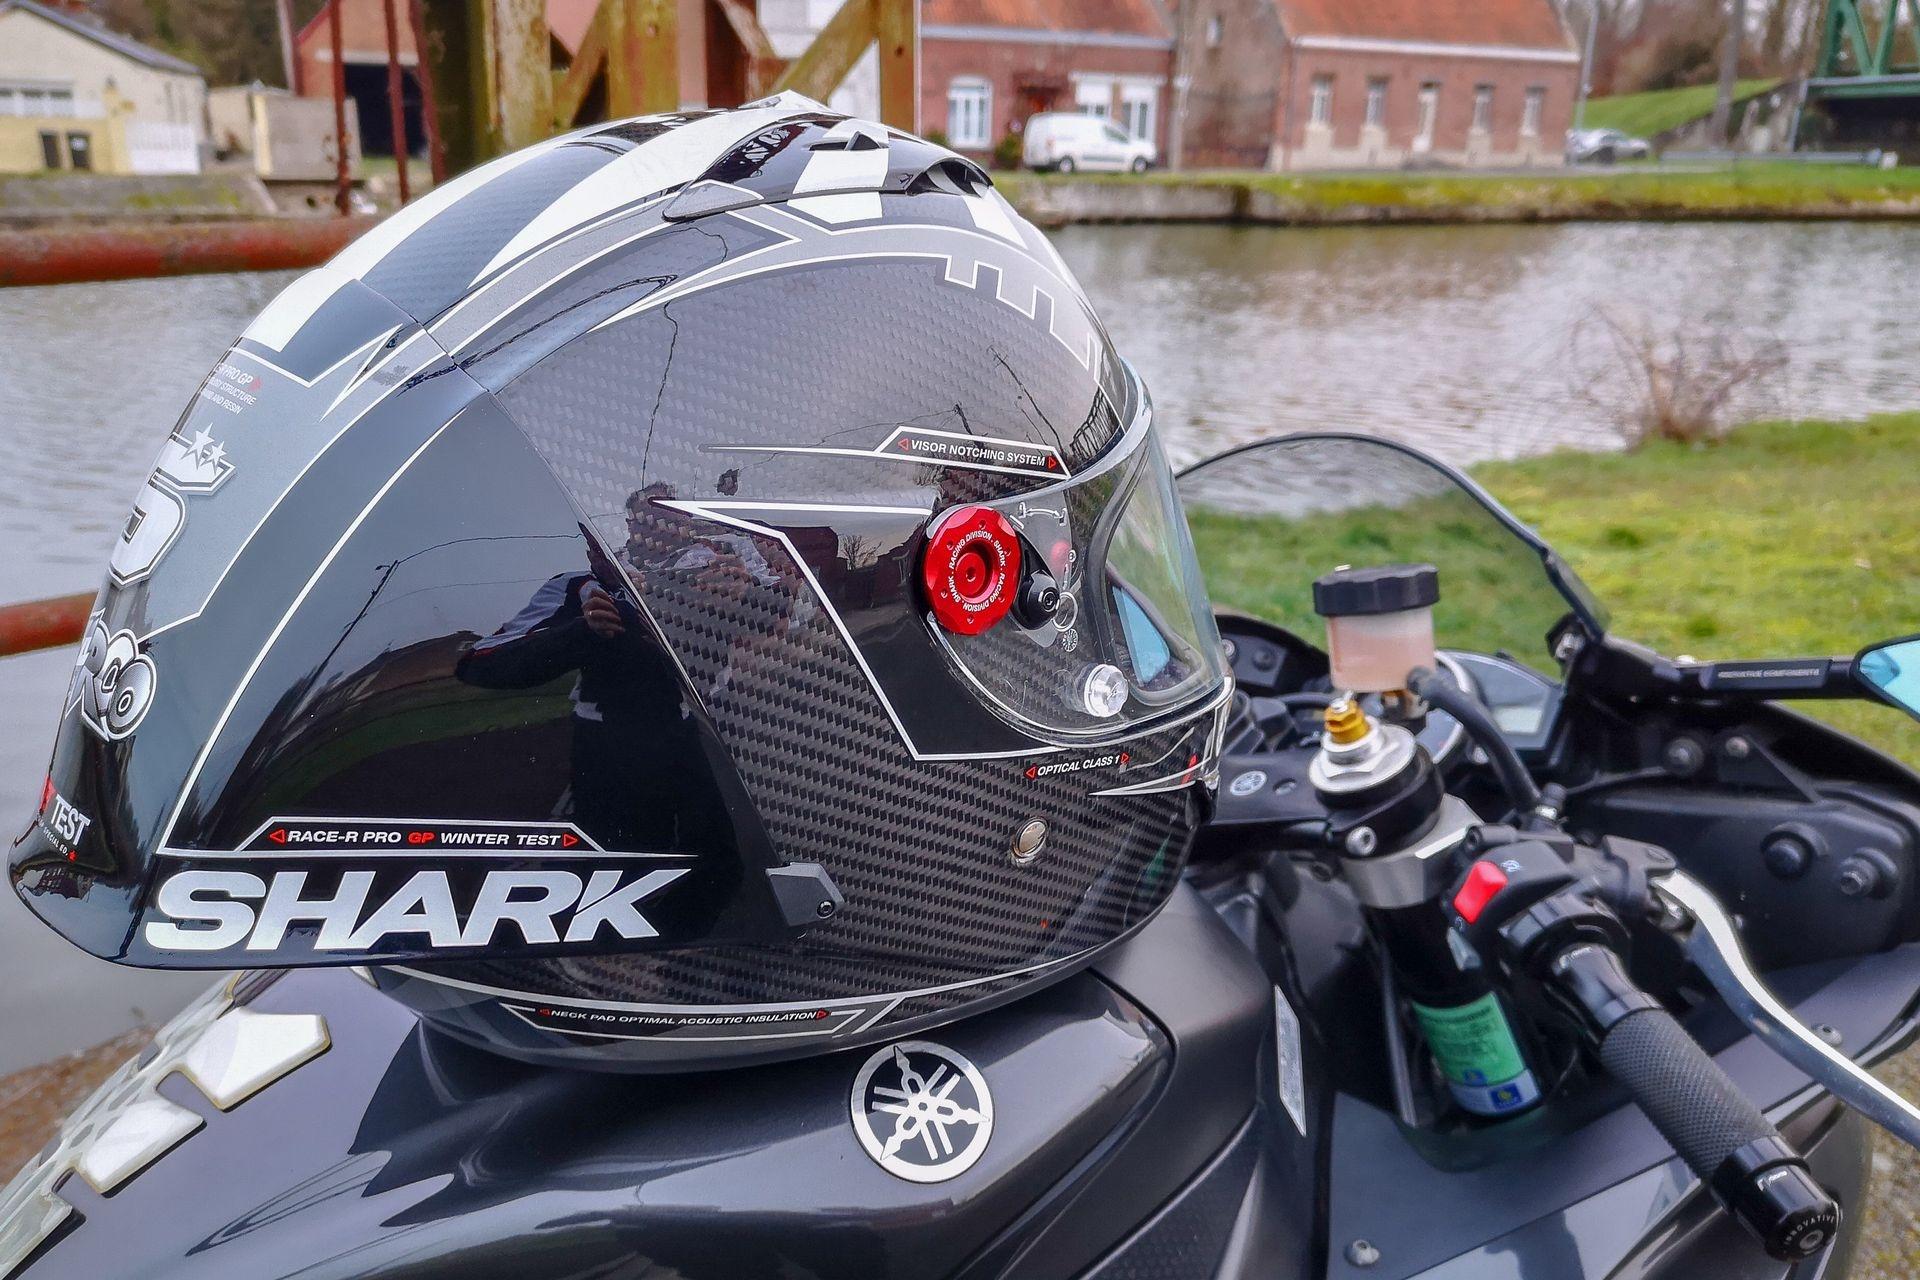 Essai du casque Shark Race-R Pro GP, idéal avec une sportive, mais pas seulement !